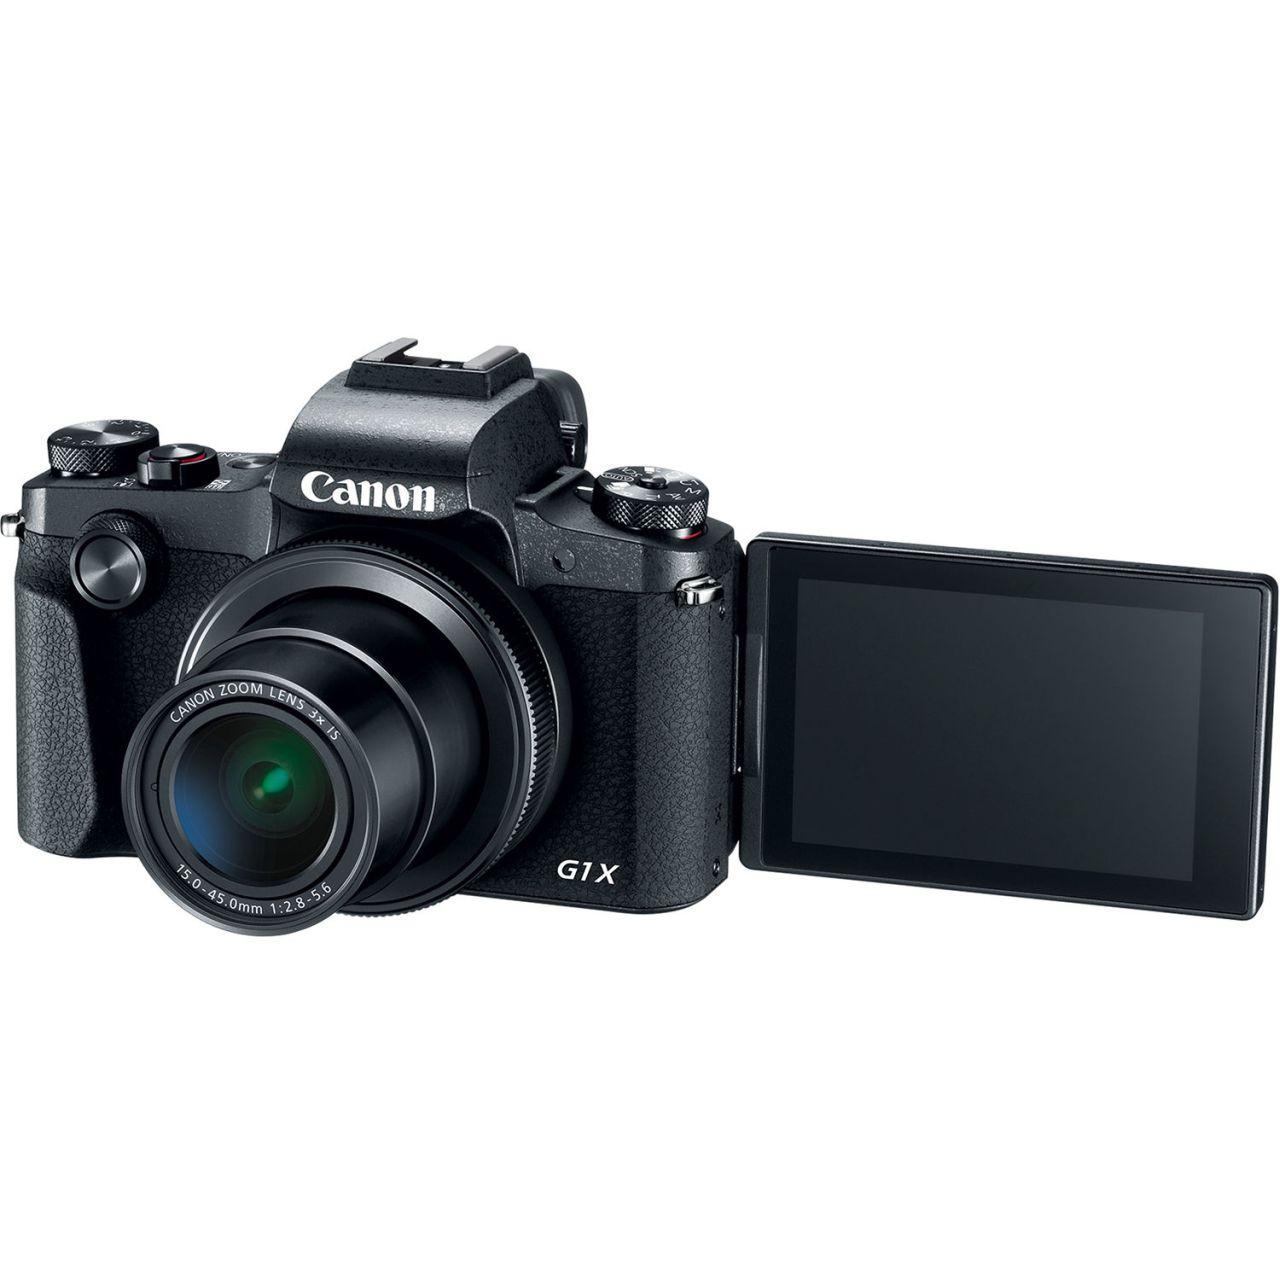 Компакт с APS-C матрицей Canon PowerShot G1 X Mark III